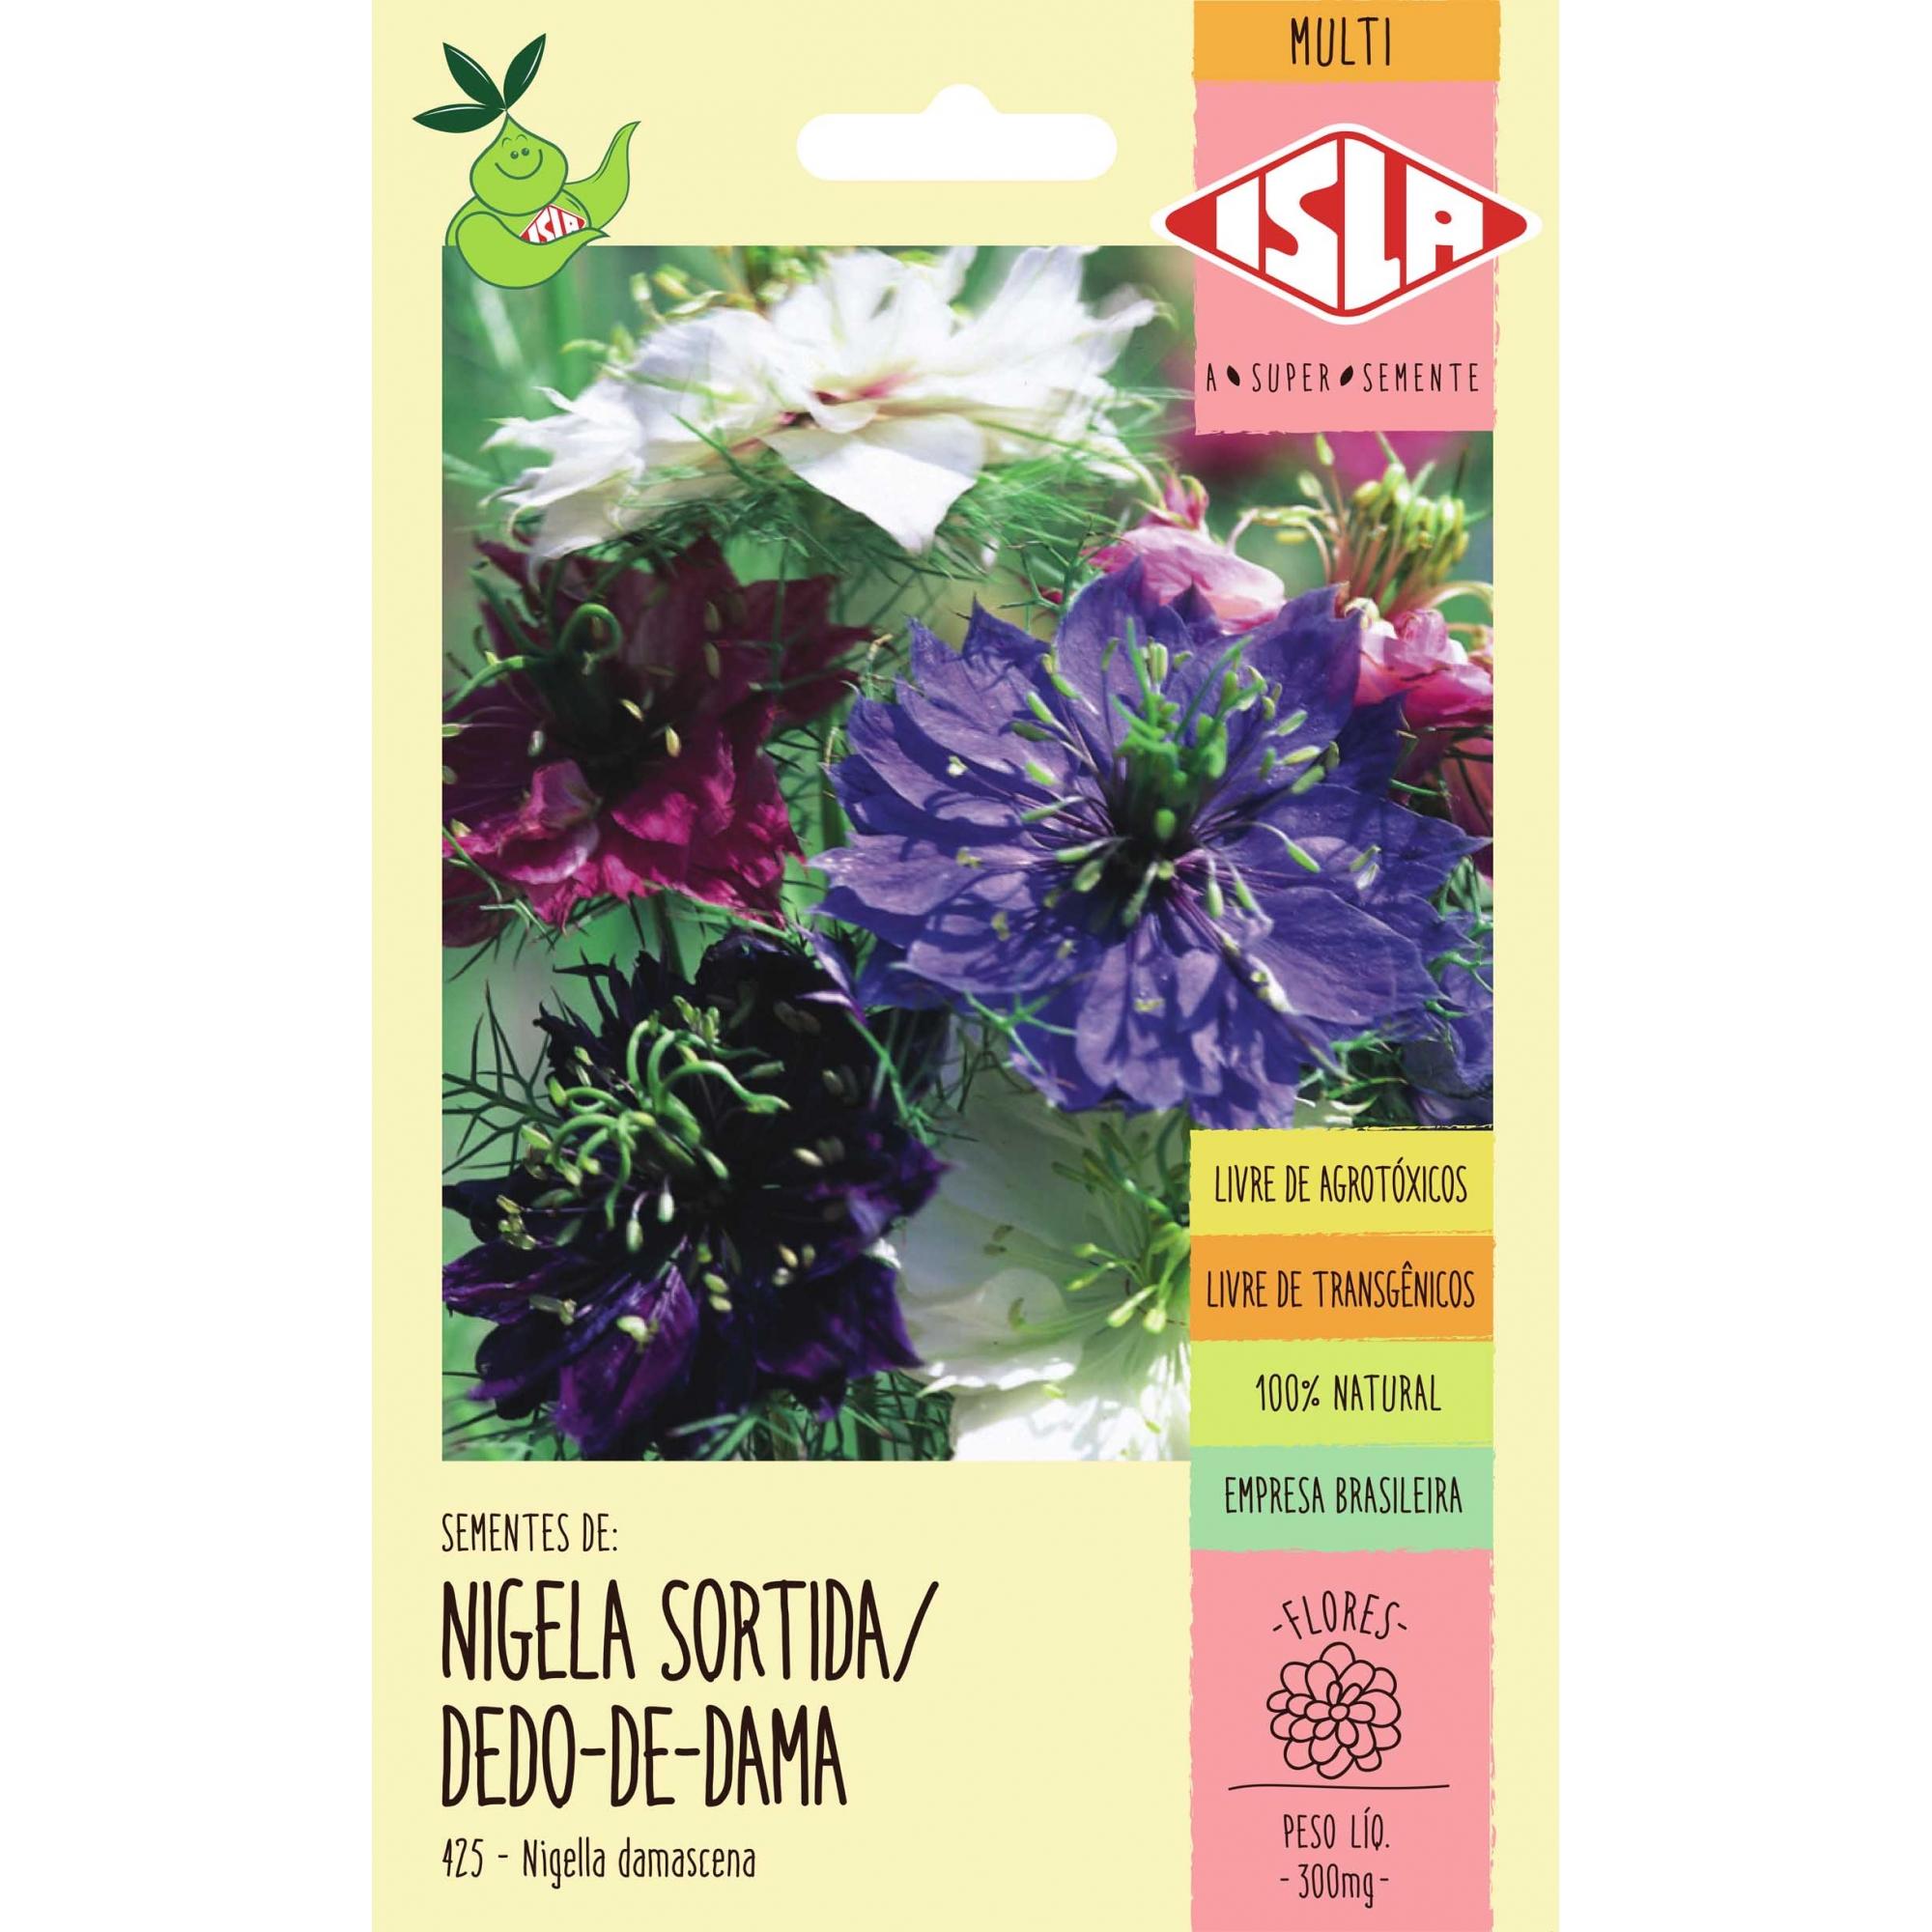 Sementes de Nigela Sortida/Dedo-de-Dama (Cabello de Venus Variado) - Isla